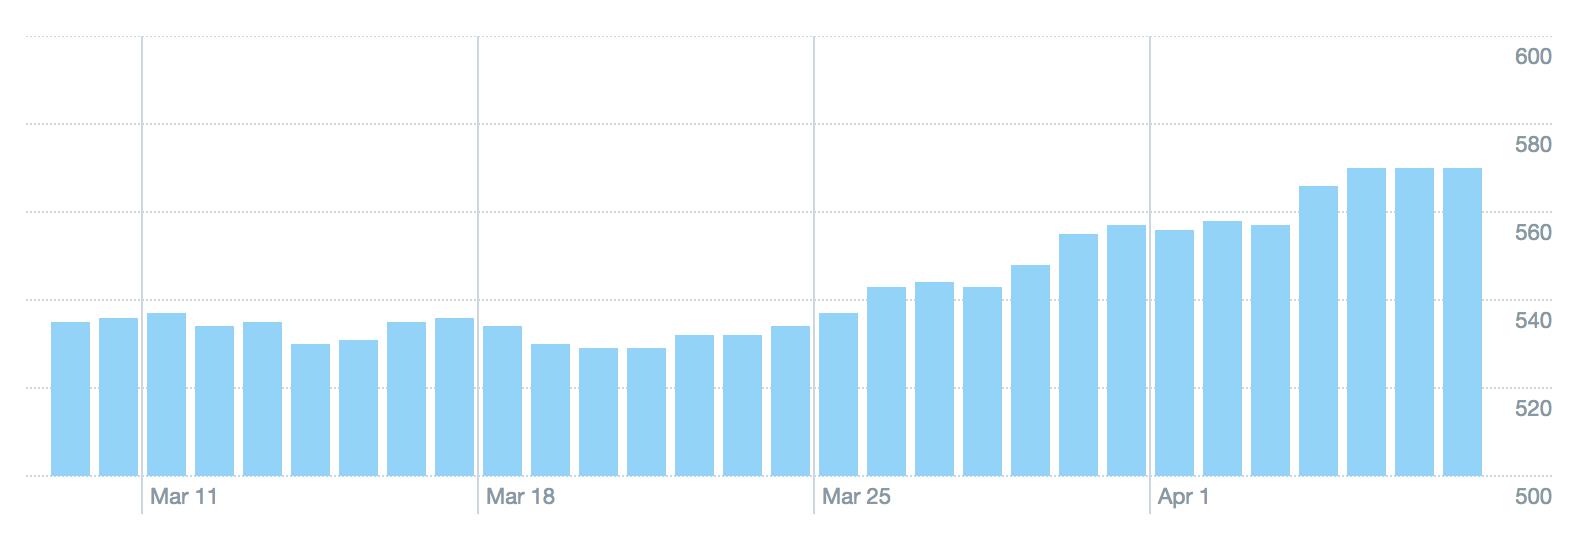 Twitter Analytics March 2018